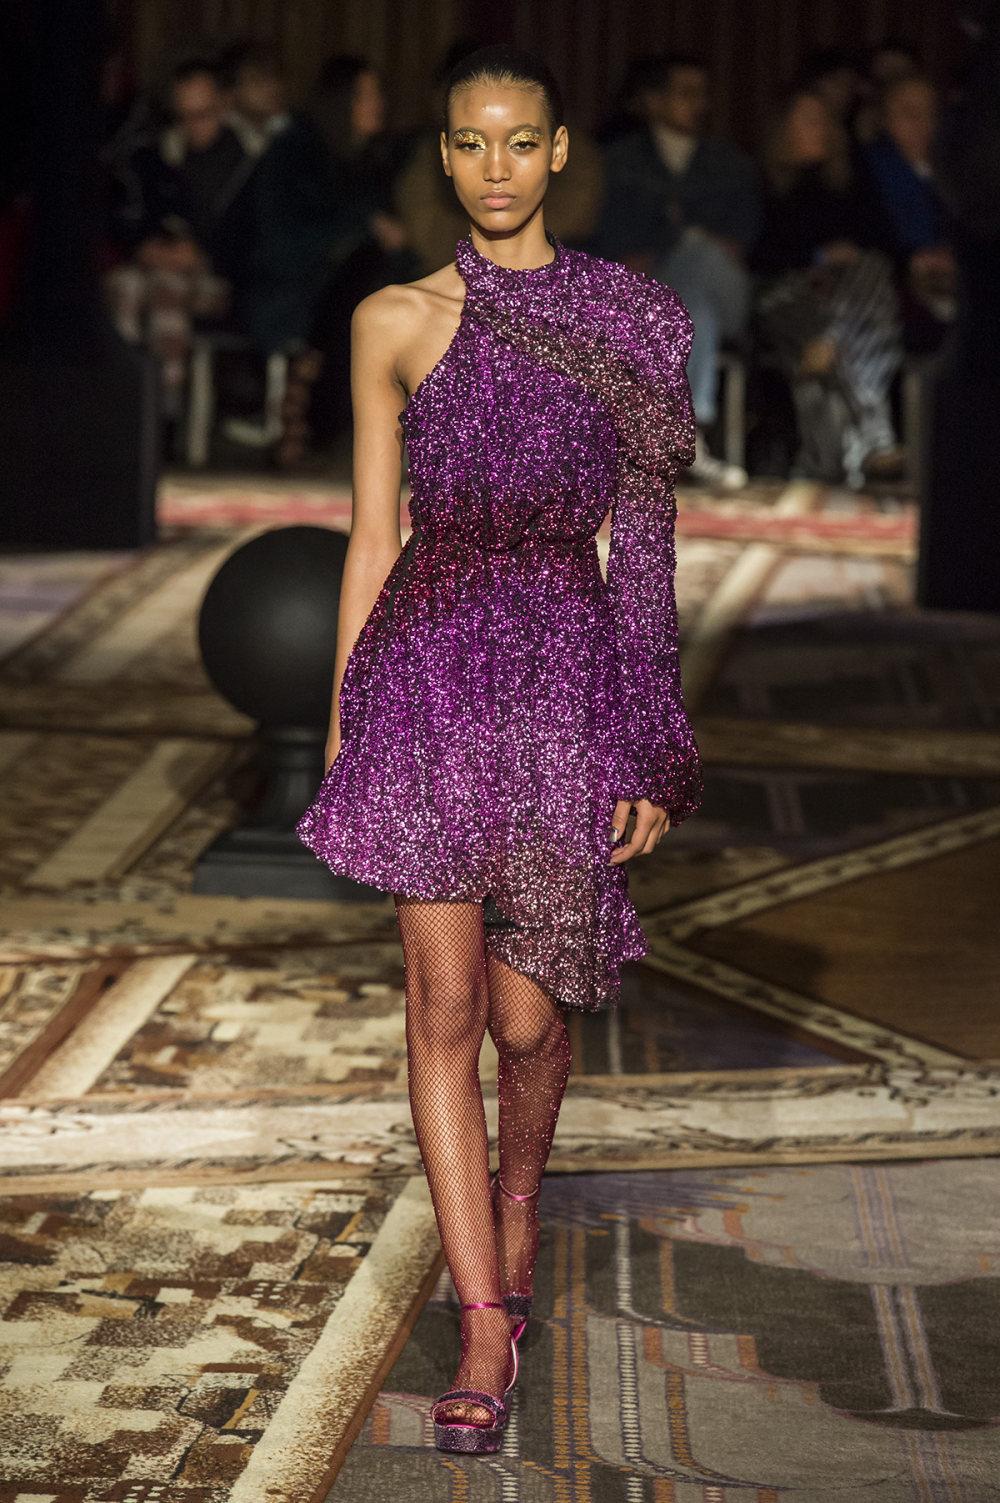 Halpern时装系列将幻想印花应用于宽大的缎面外套展示垂褶技巧-15.jpg